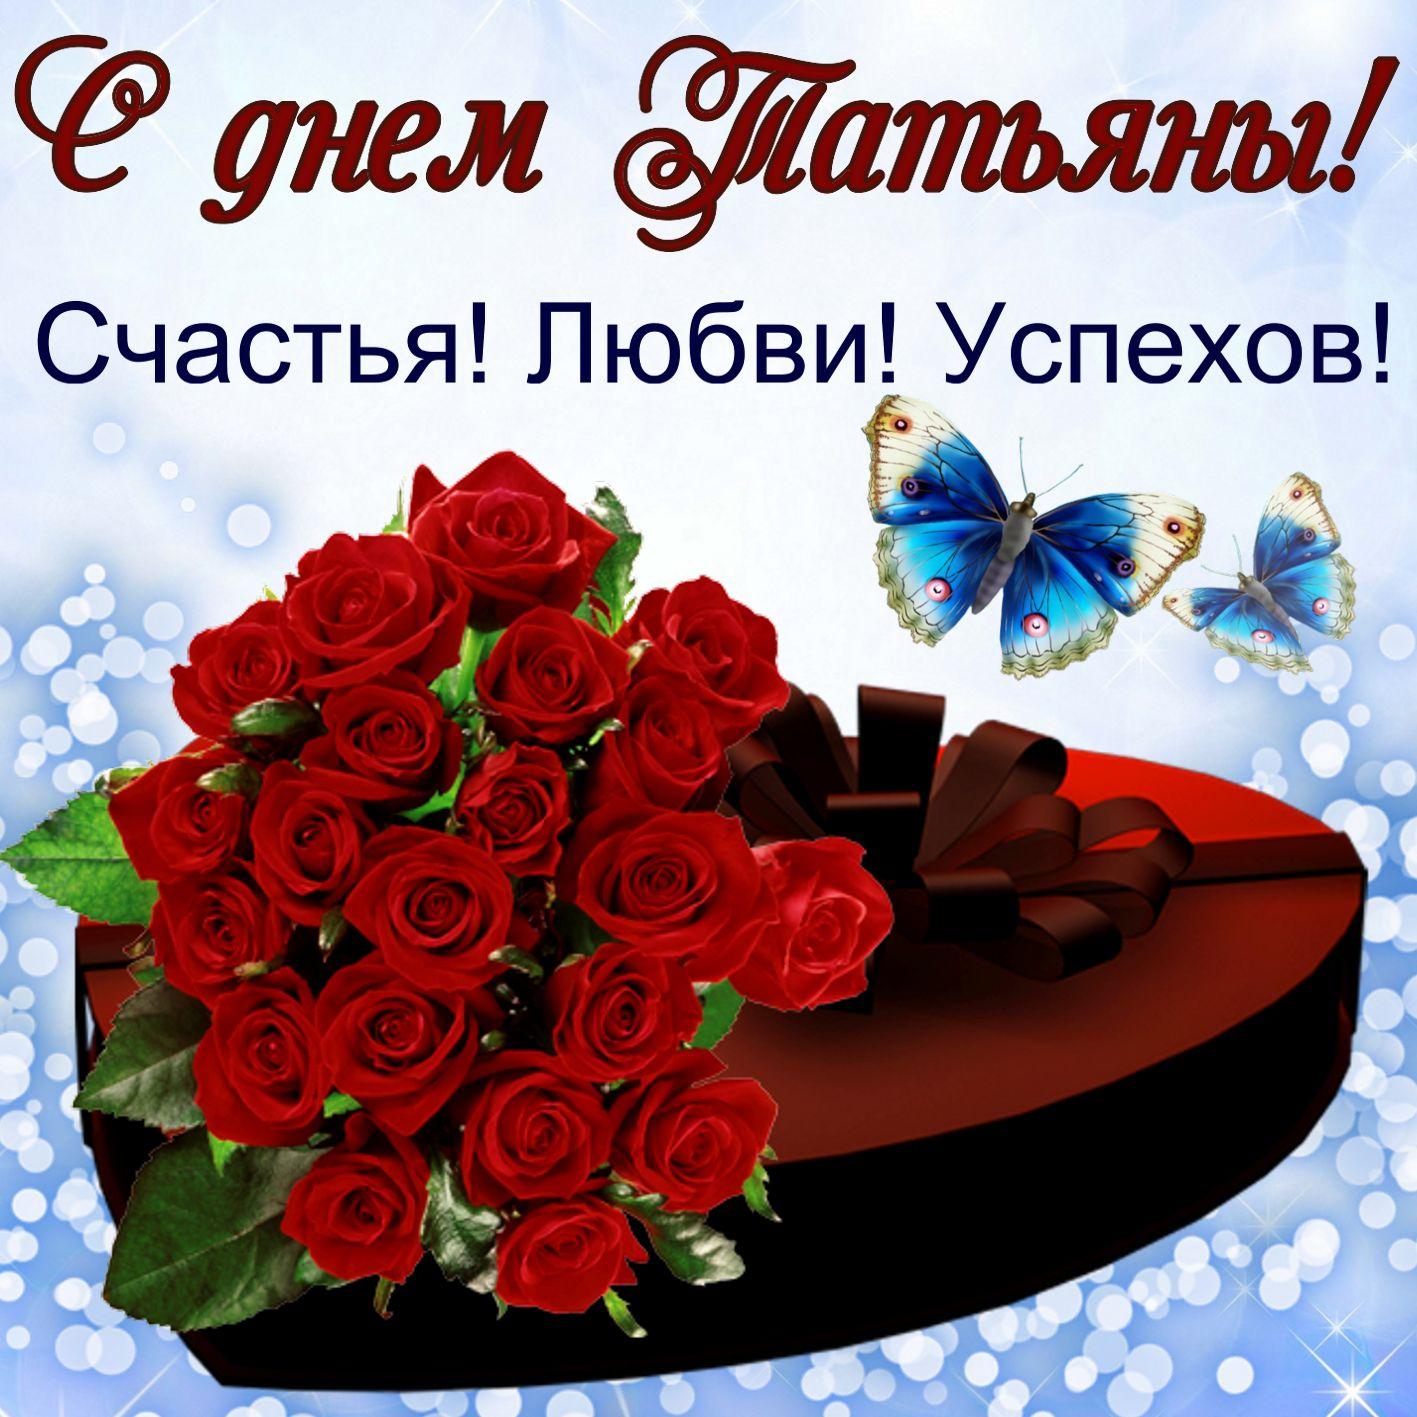 Фото открыток на день татьяны